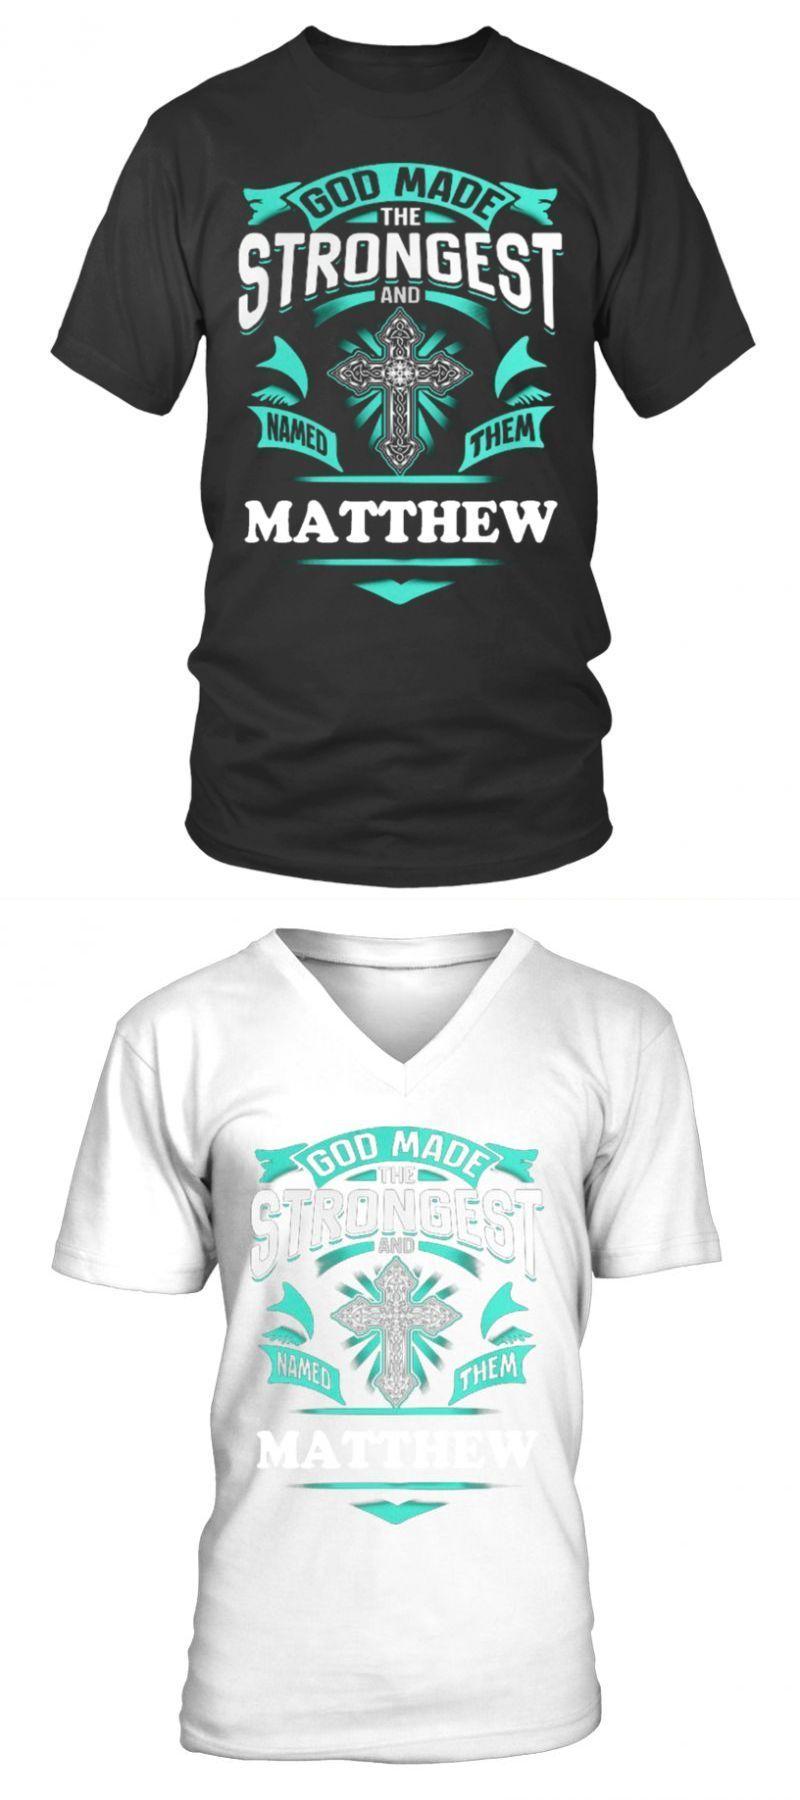 Matthew T Shirt Maker Matthew Simply Design Your Own T Shirt With Matthew Matthew T Shirt Make T Shirt Printing Machine Make Own T Shirt Best T Shirt Brands